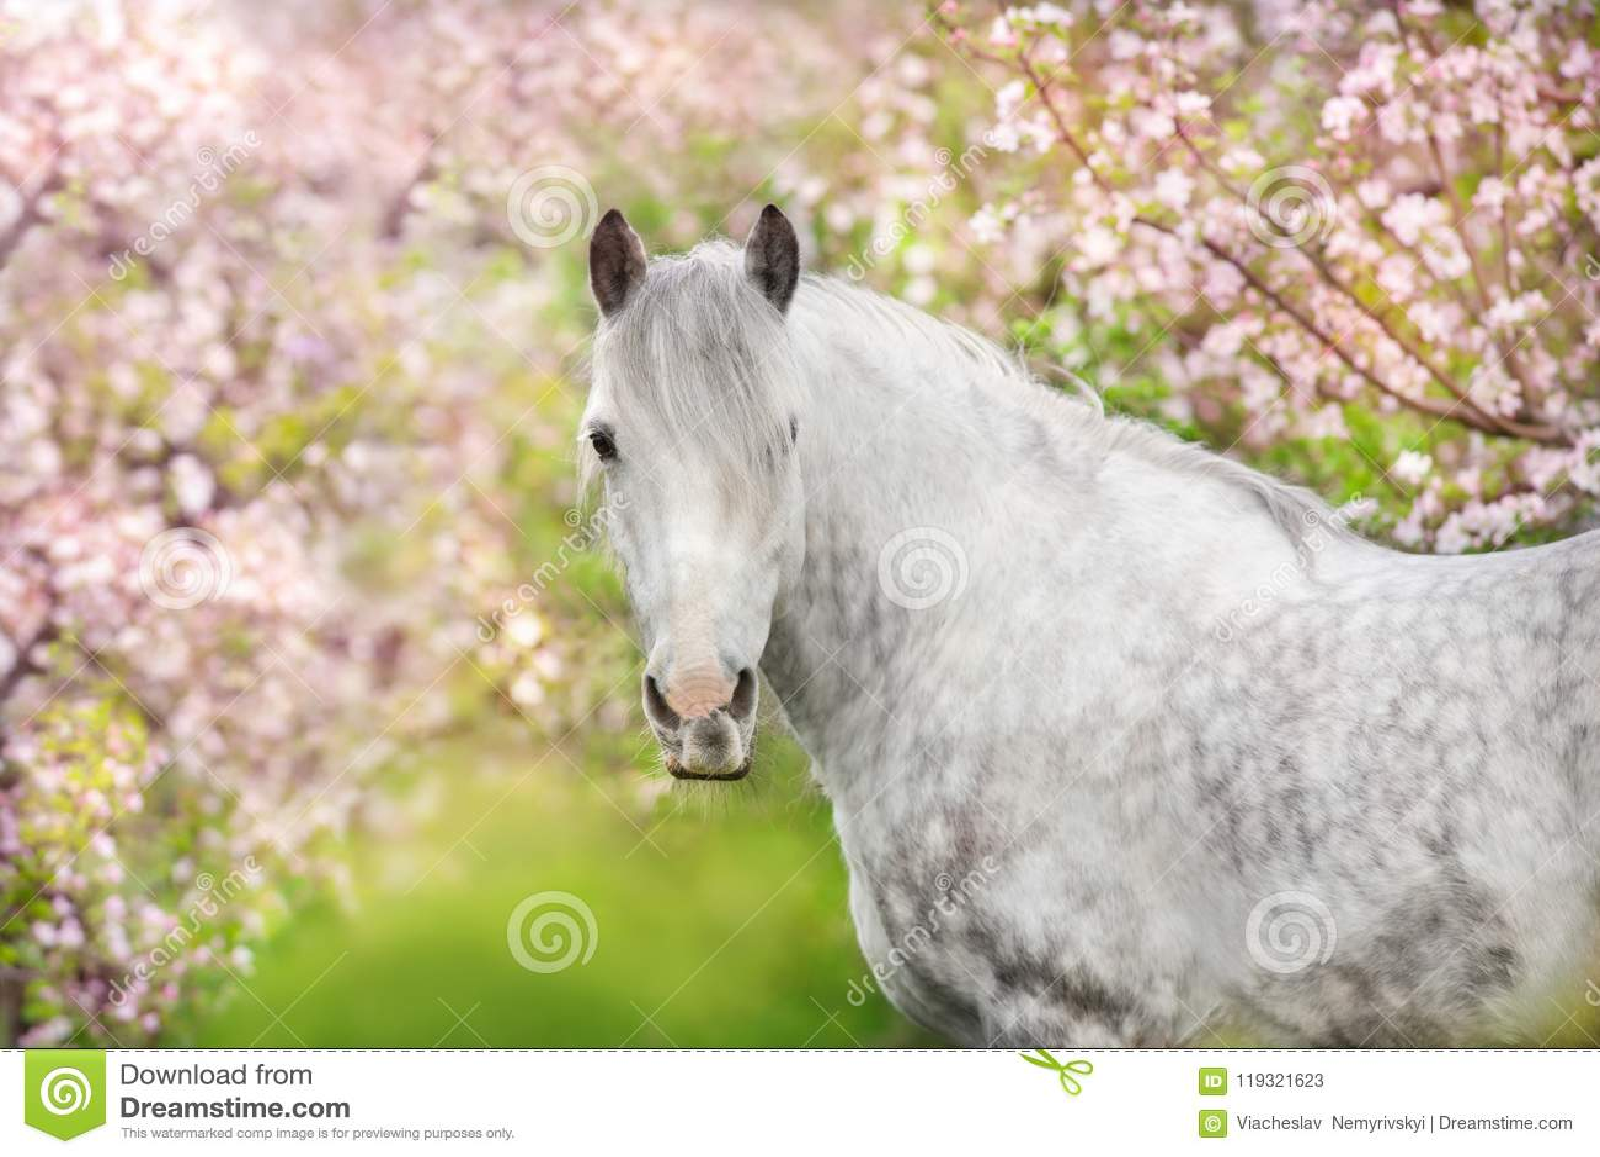 Портрет белой лошади в цветении